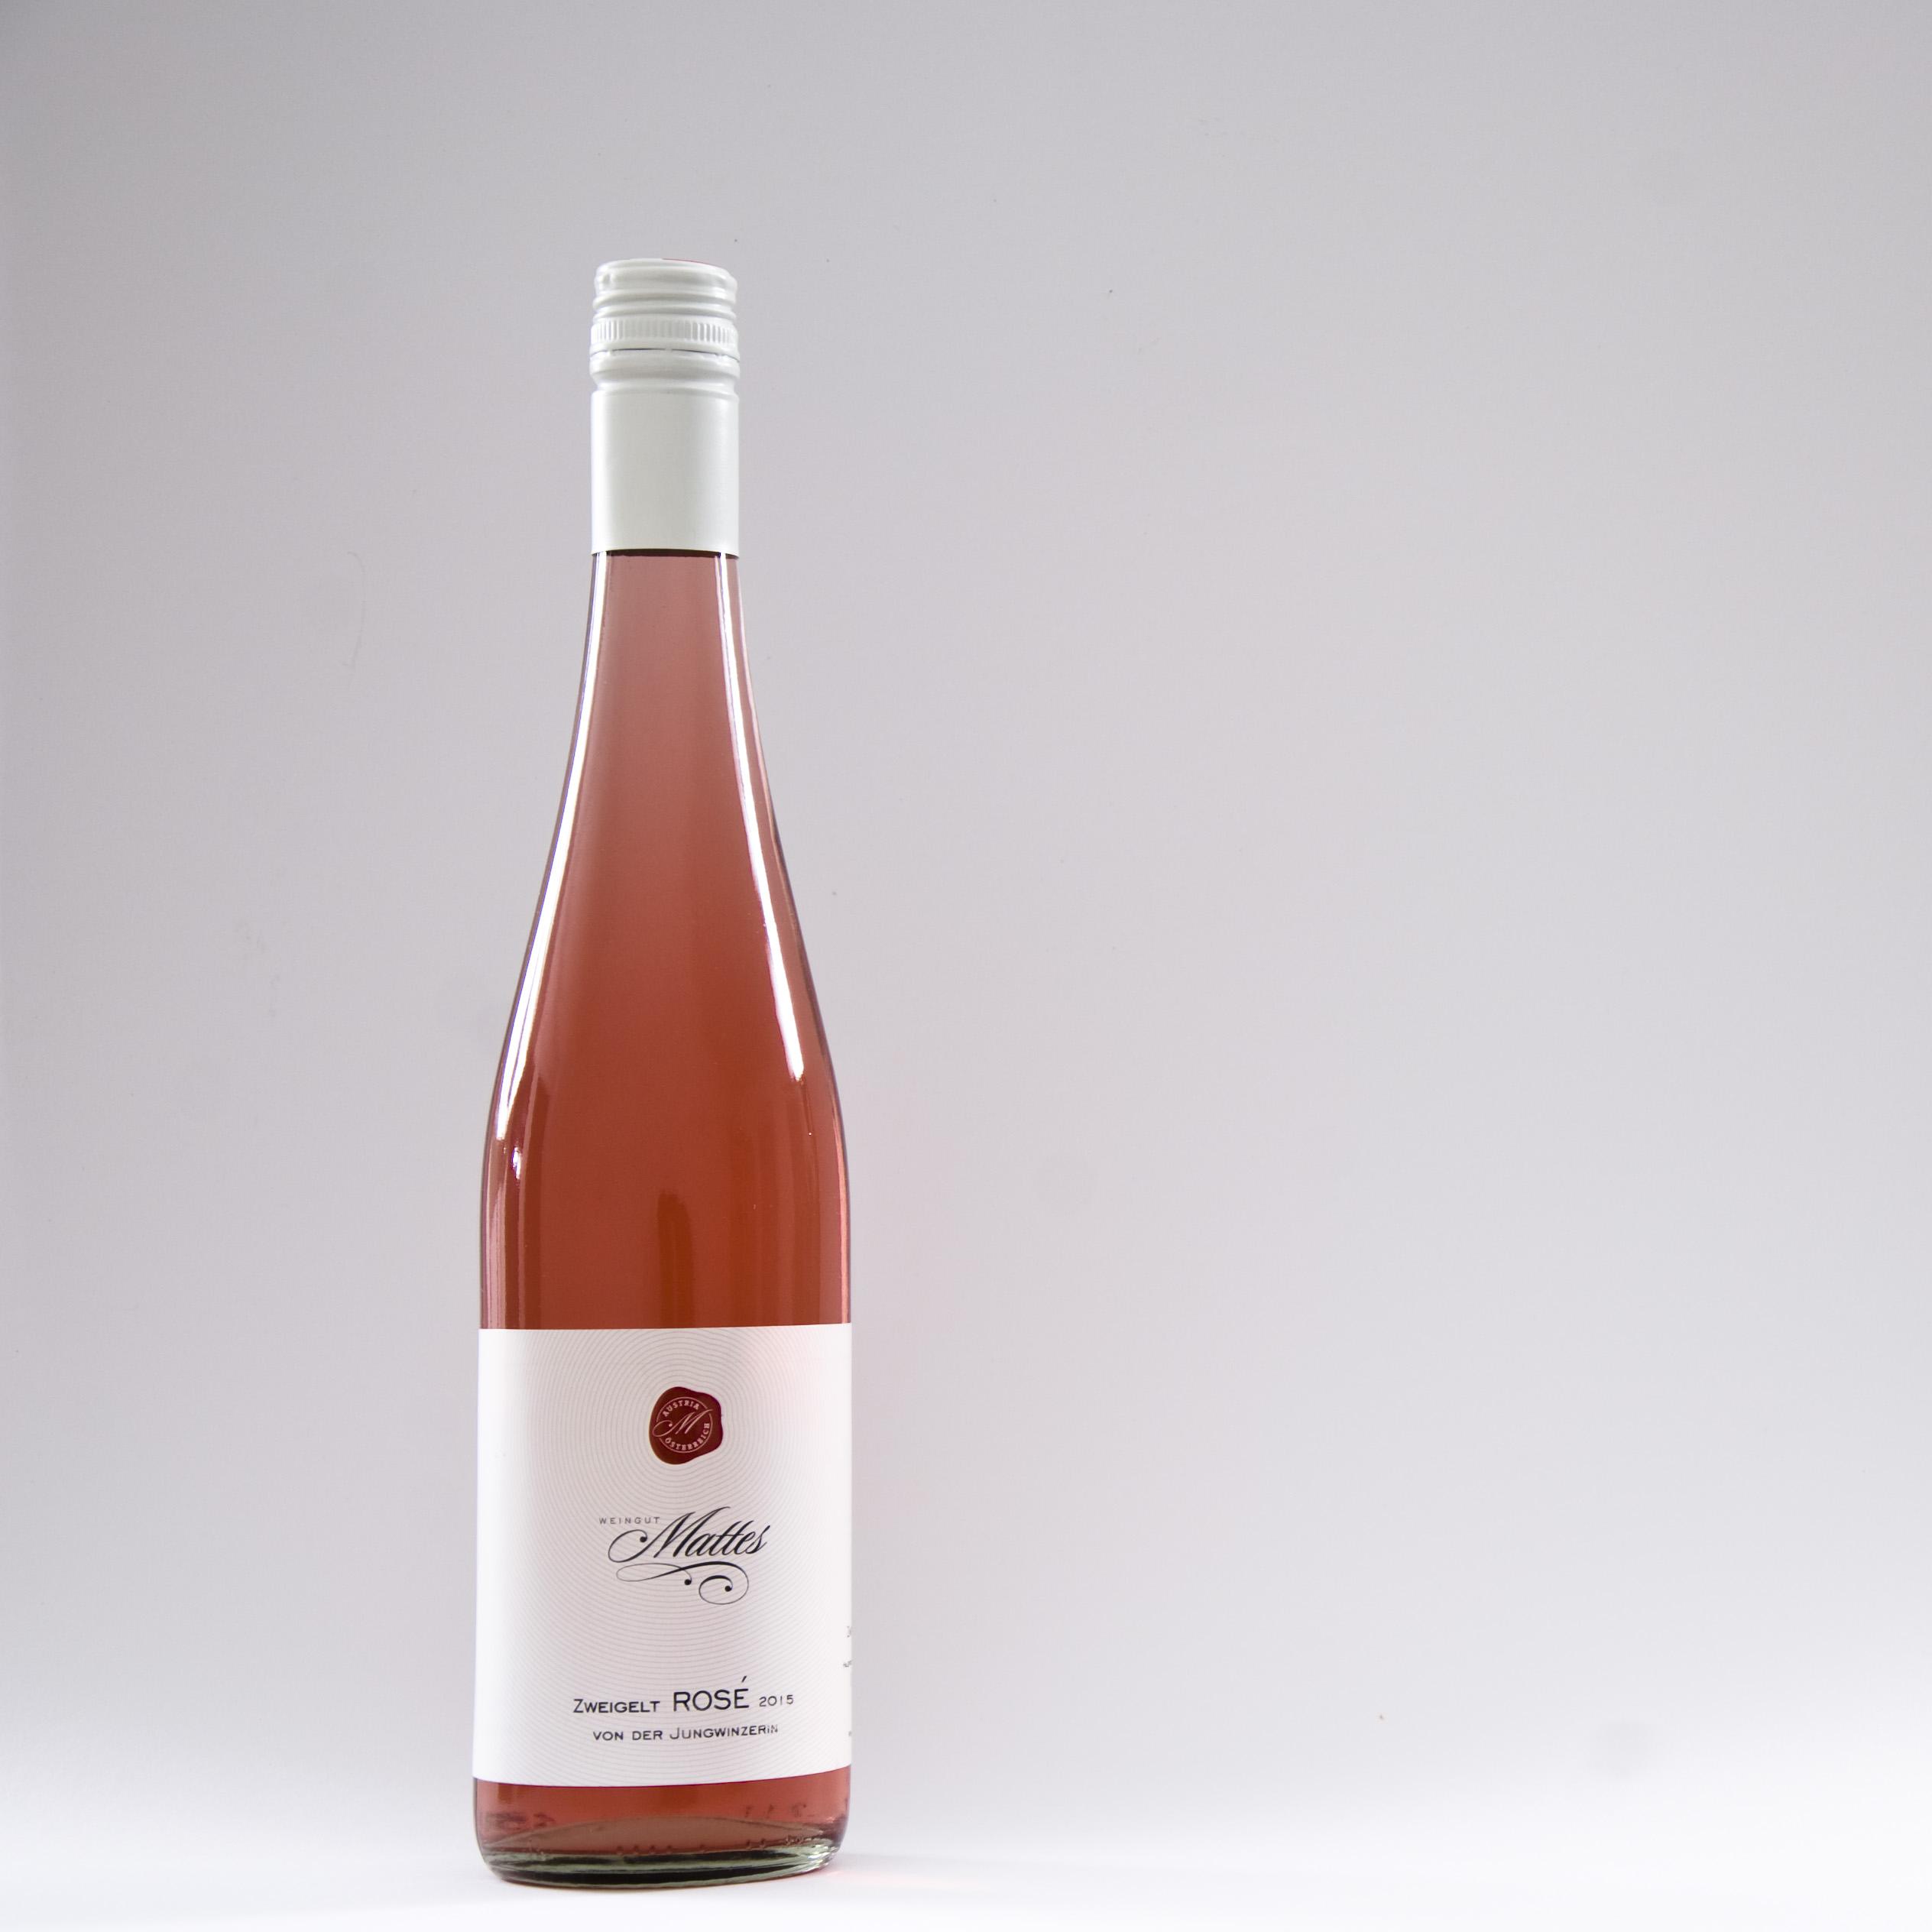 Rose Zweigelt Rotwein Weingut Mattes Dürnleis